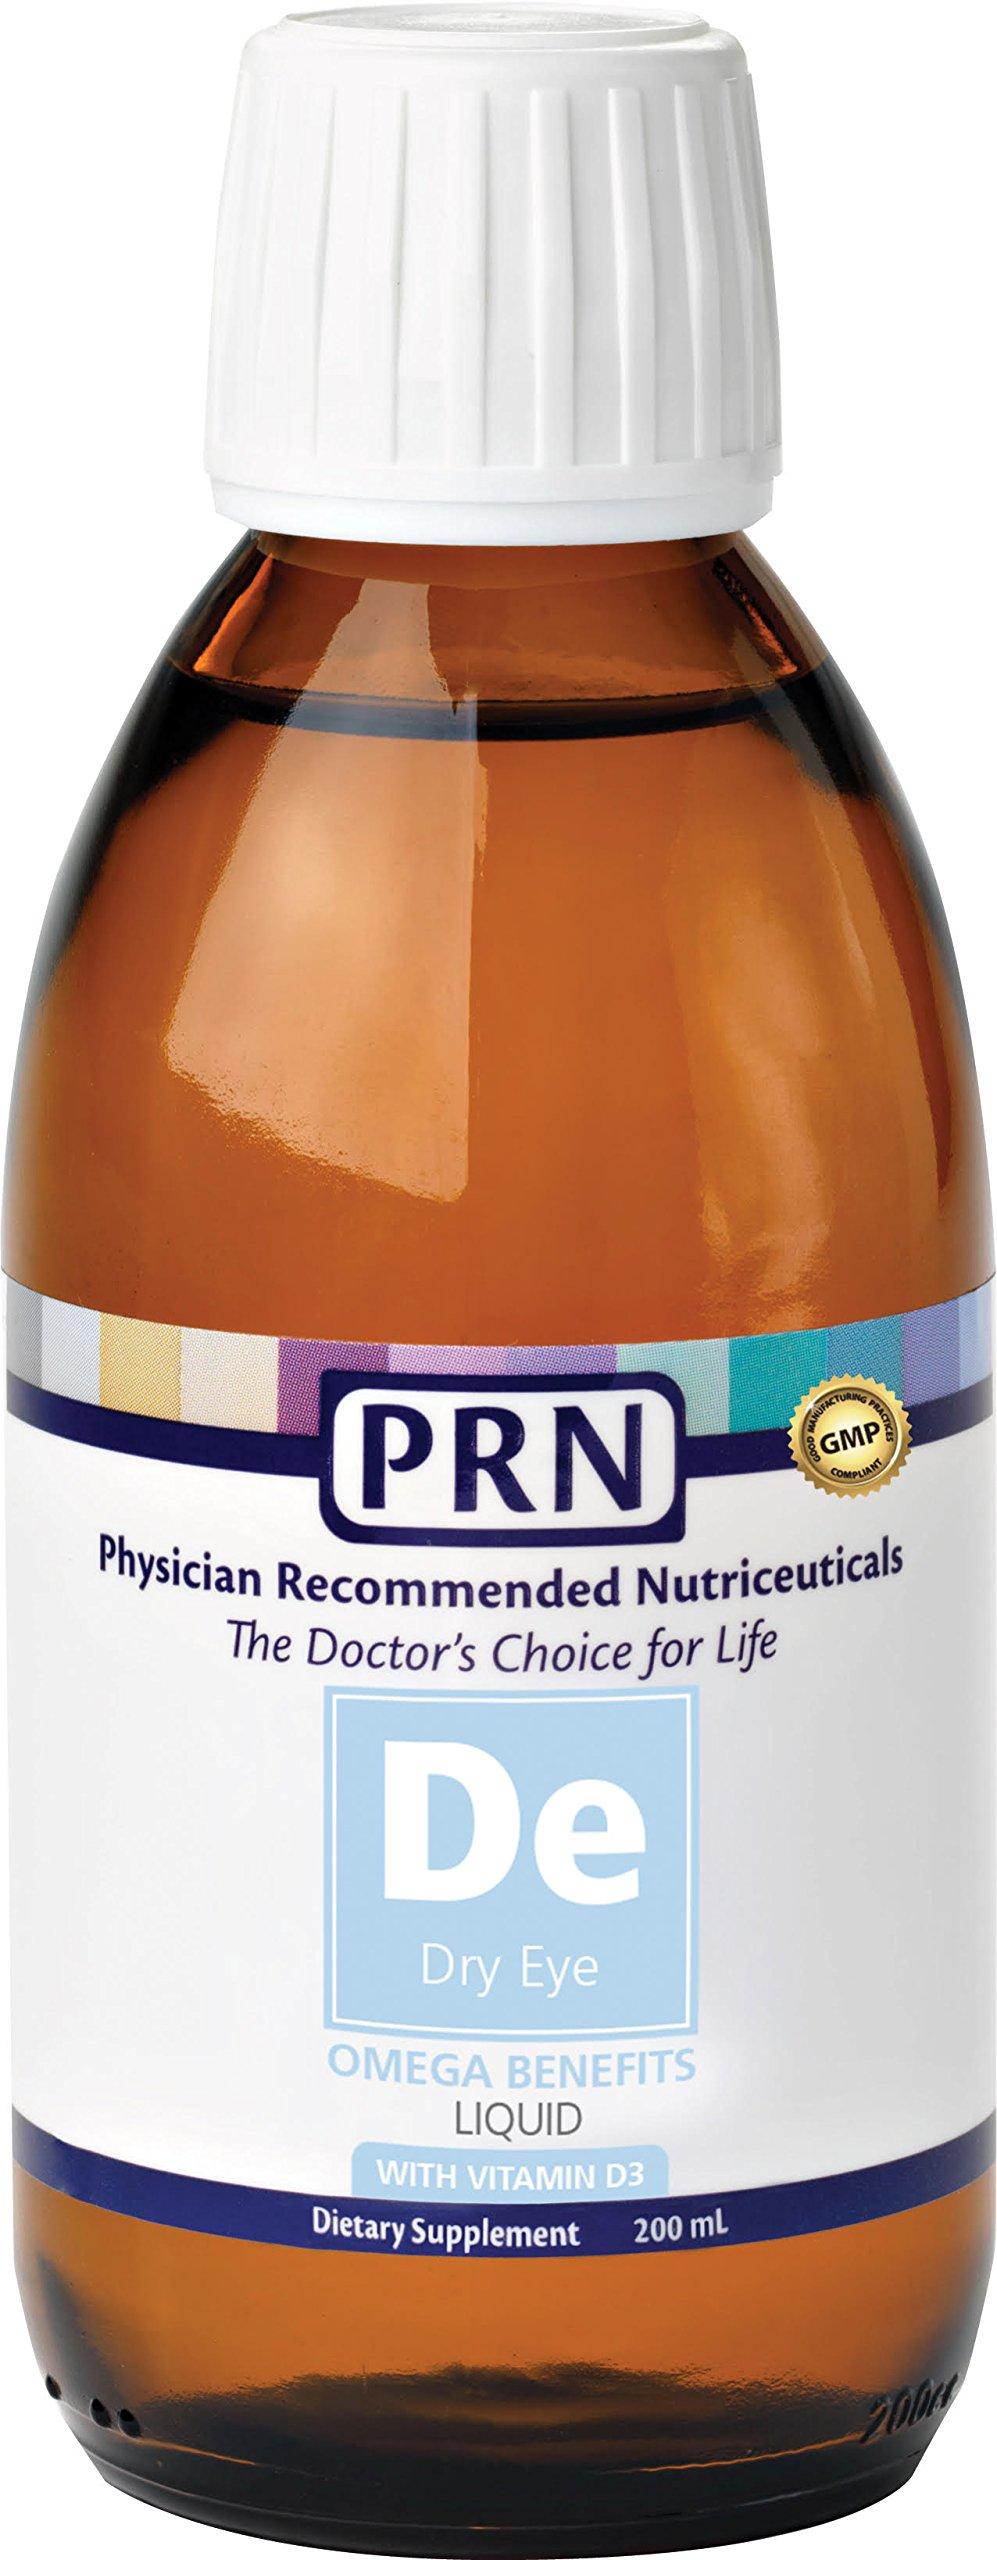 PRN DE Dry Eye Omega Liquid with vitamin D3 200ml by PRN (Image #1)